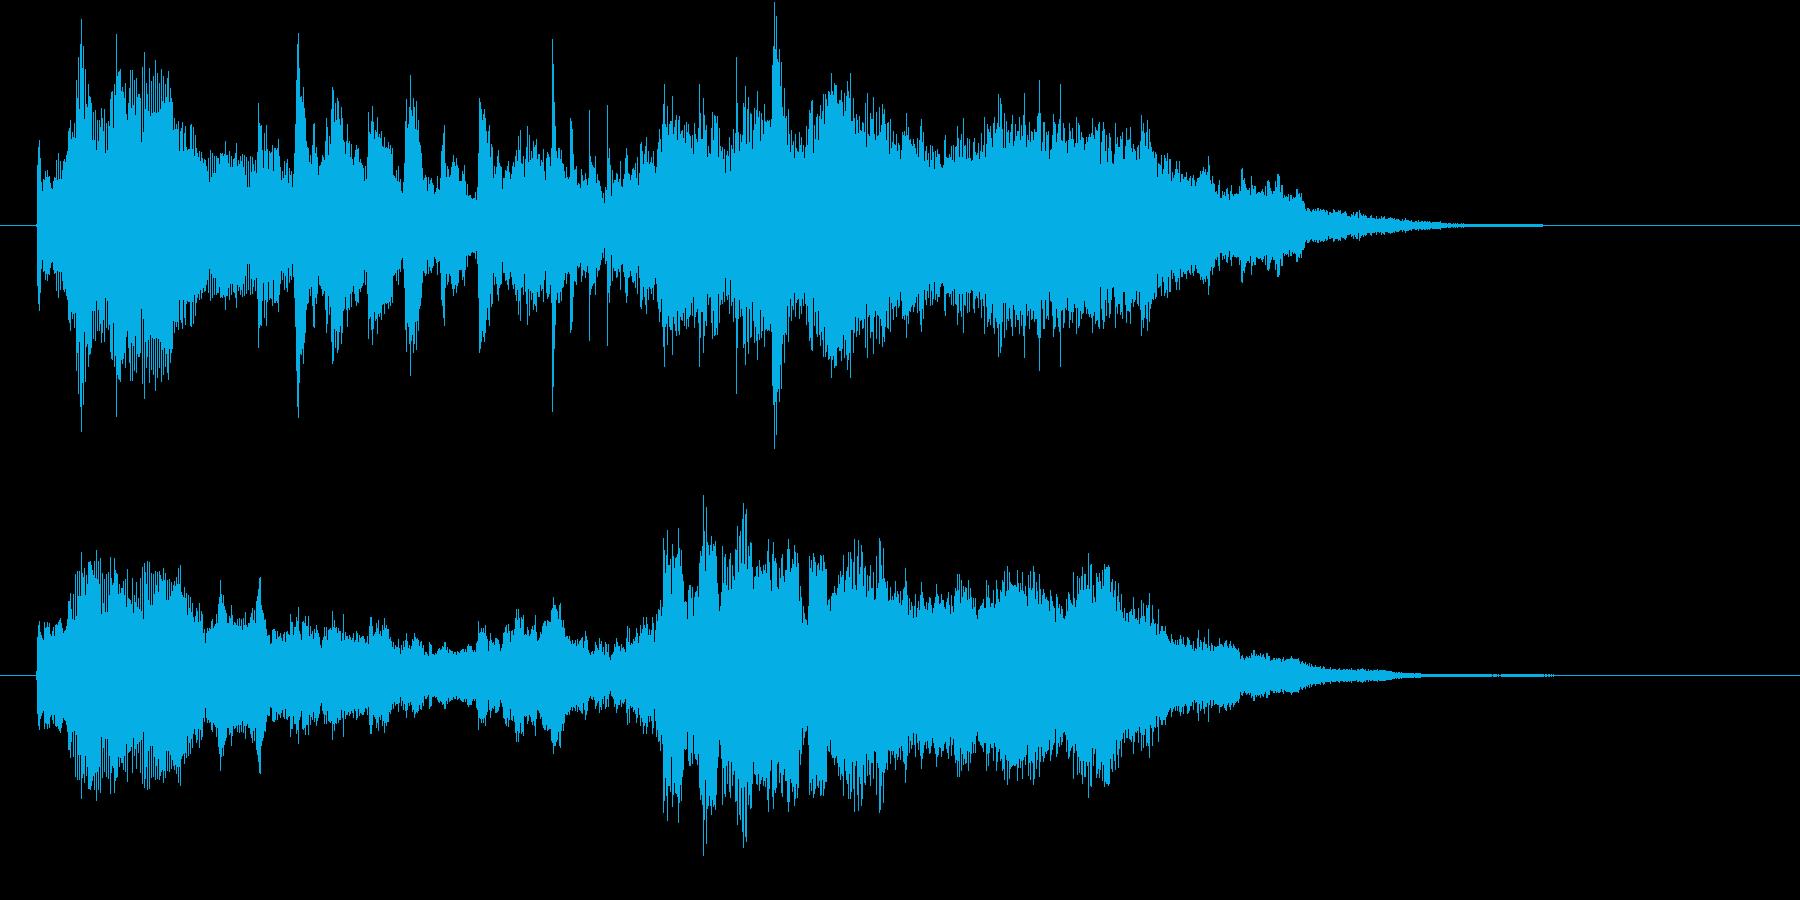 先進的で幻想的なクリスタルサウンドロゴの再生済みの波形